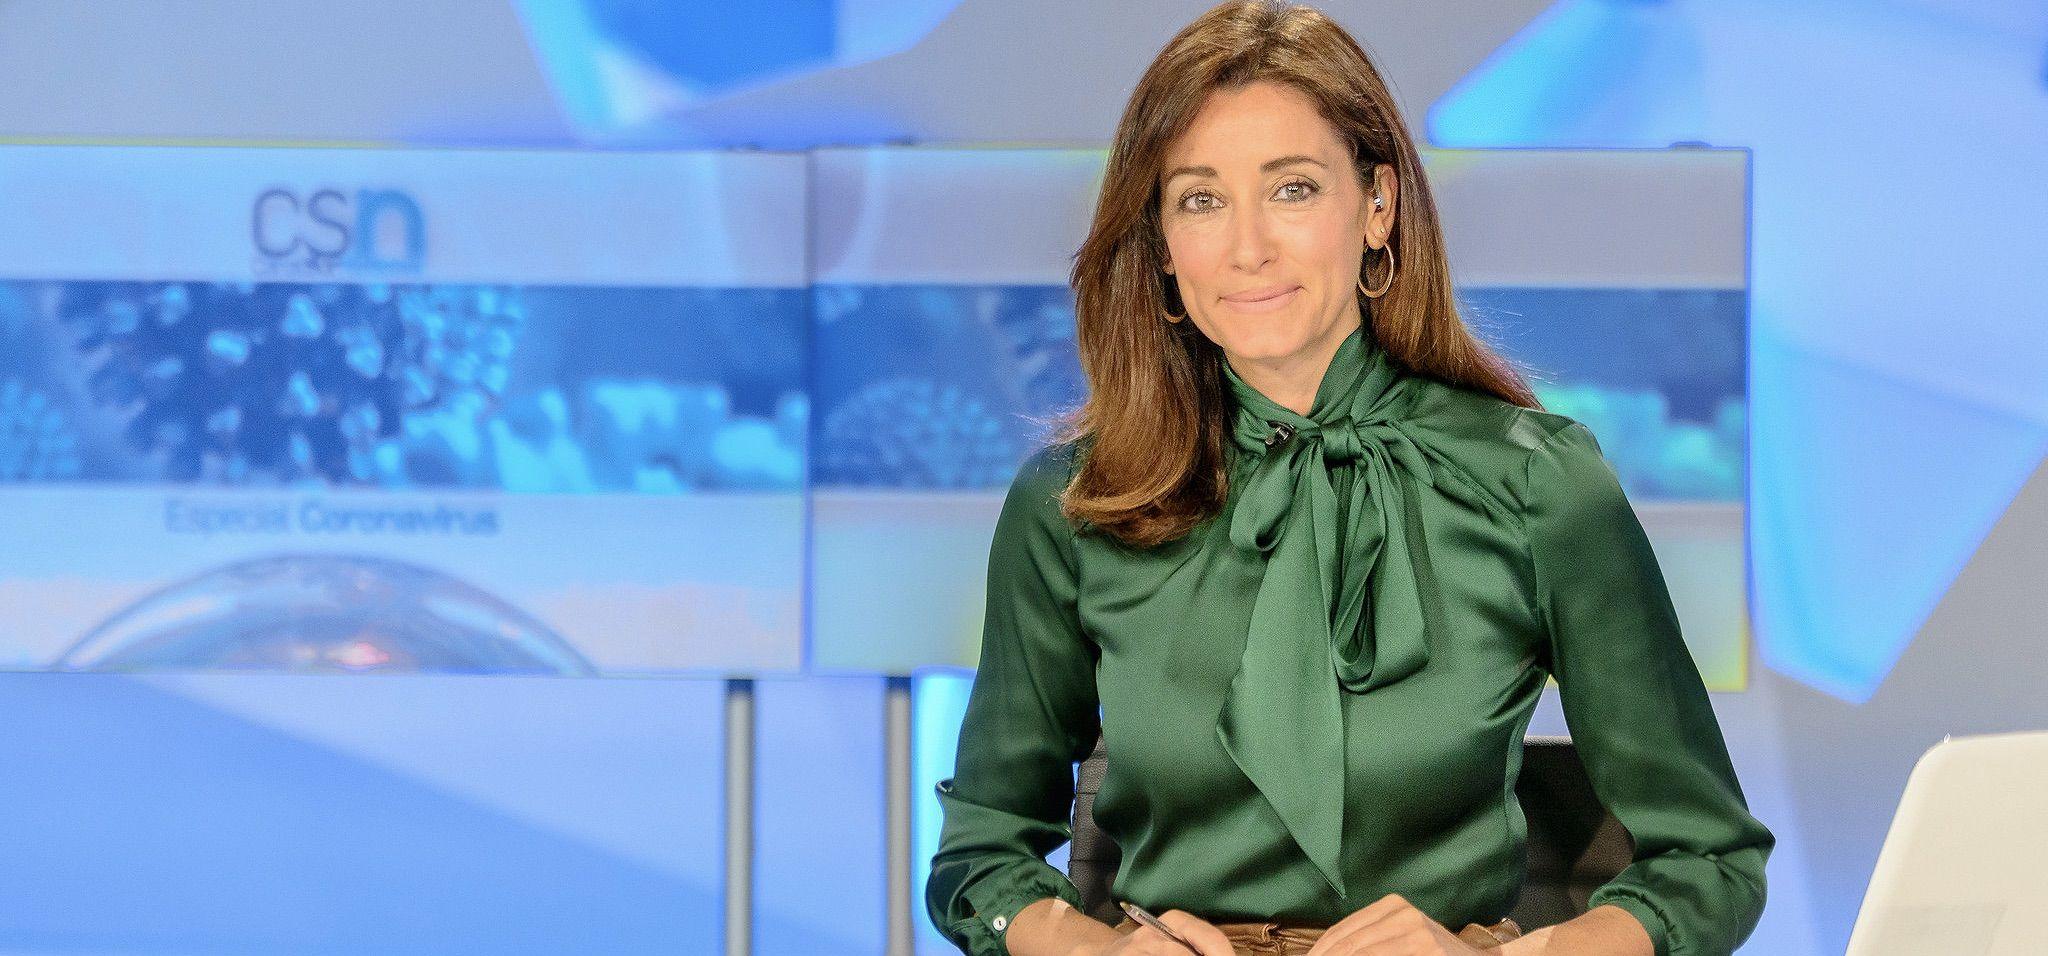 El Noticias 1 Canal Sur saldrá de su habitual plató y cada día se realizará en una provincia distinta. Del 29 de junio al 6 de julio.